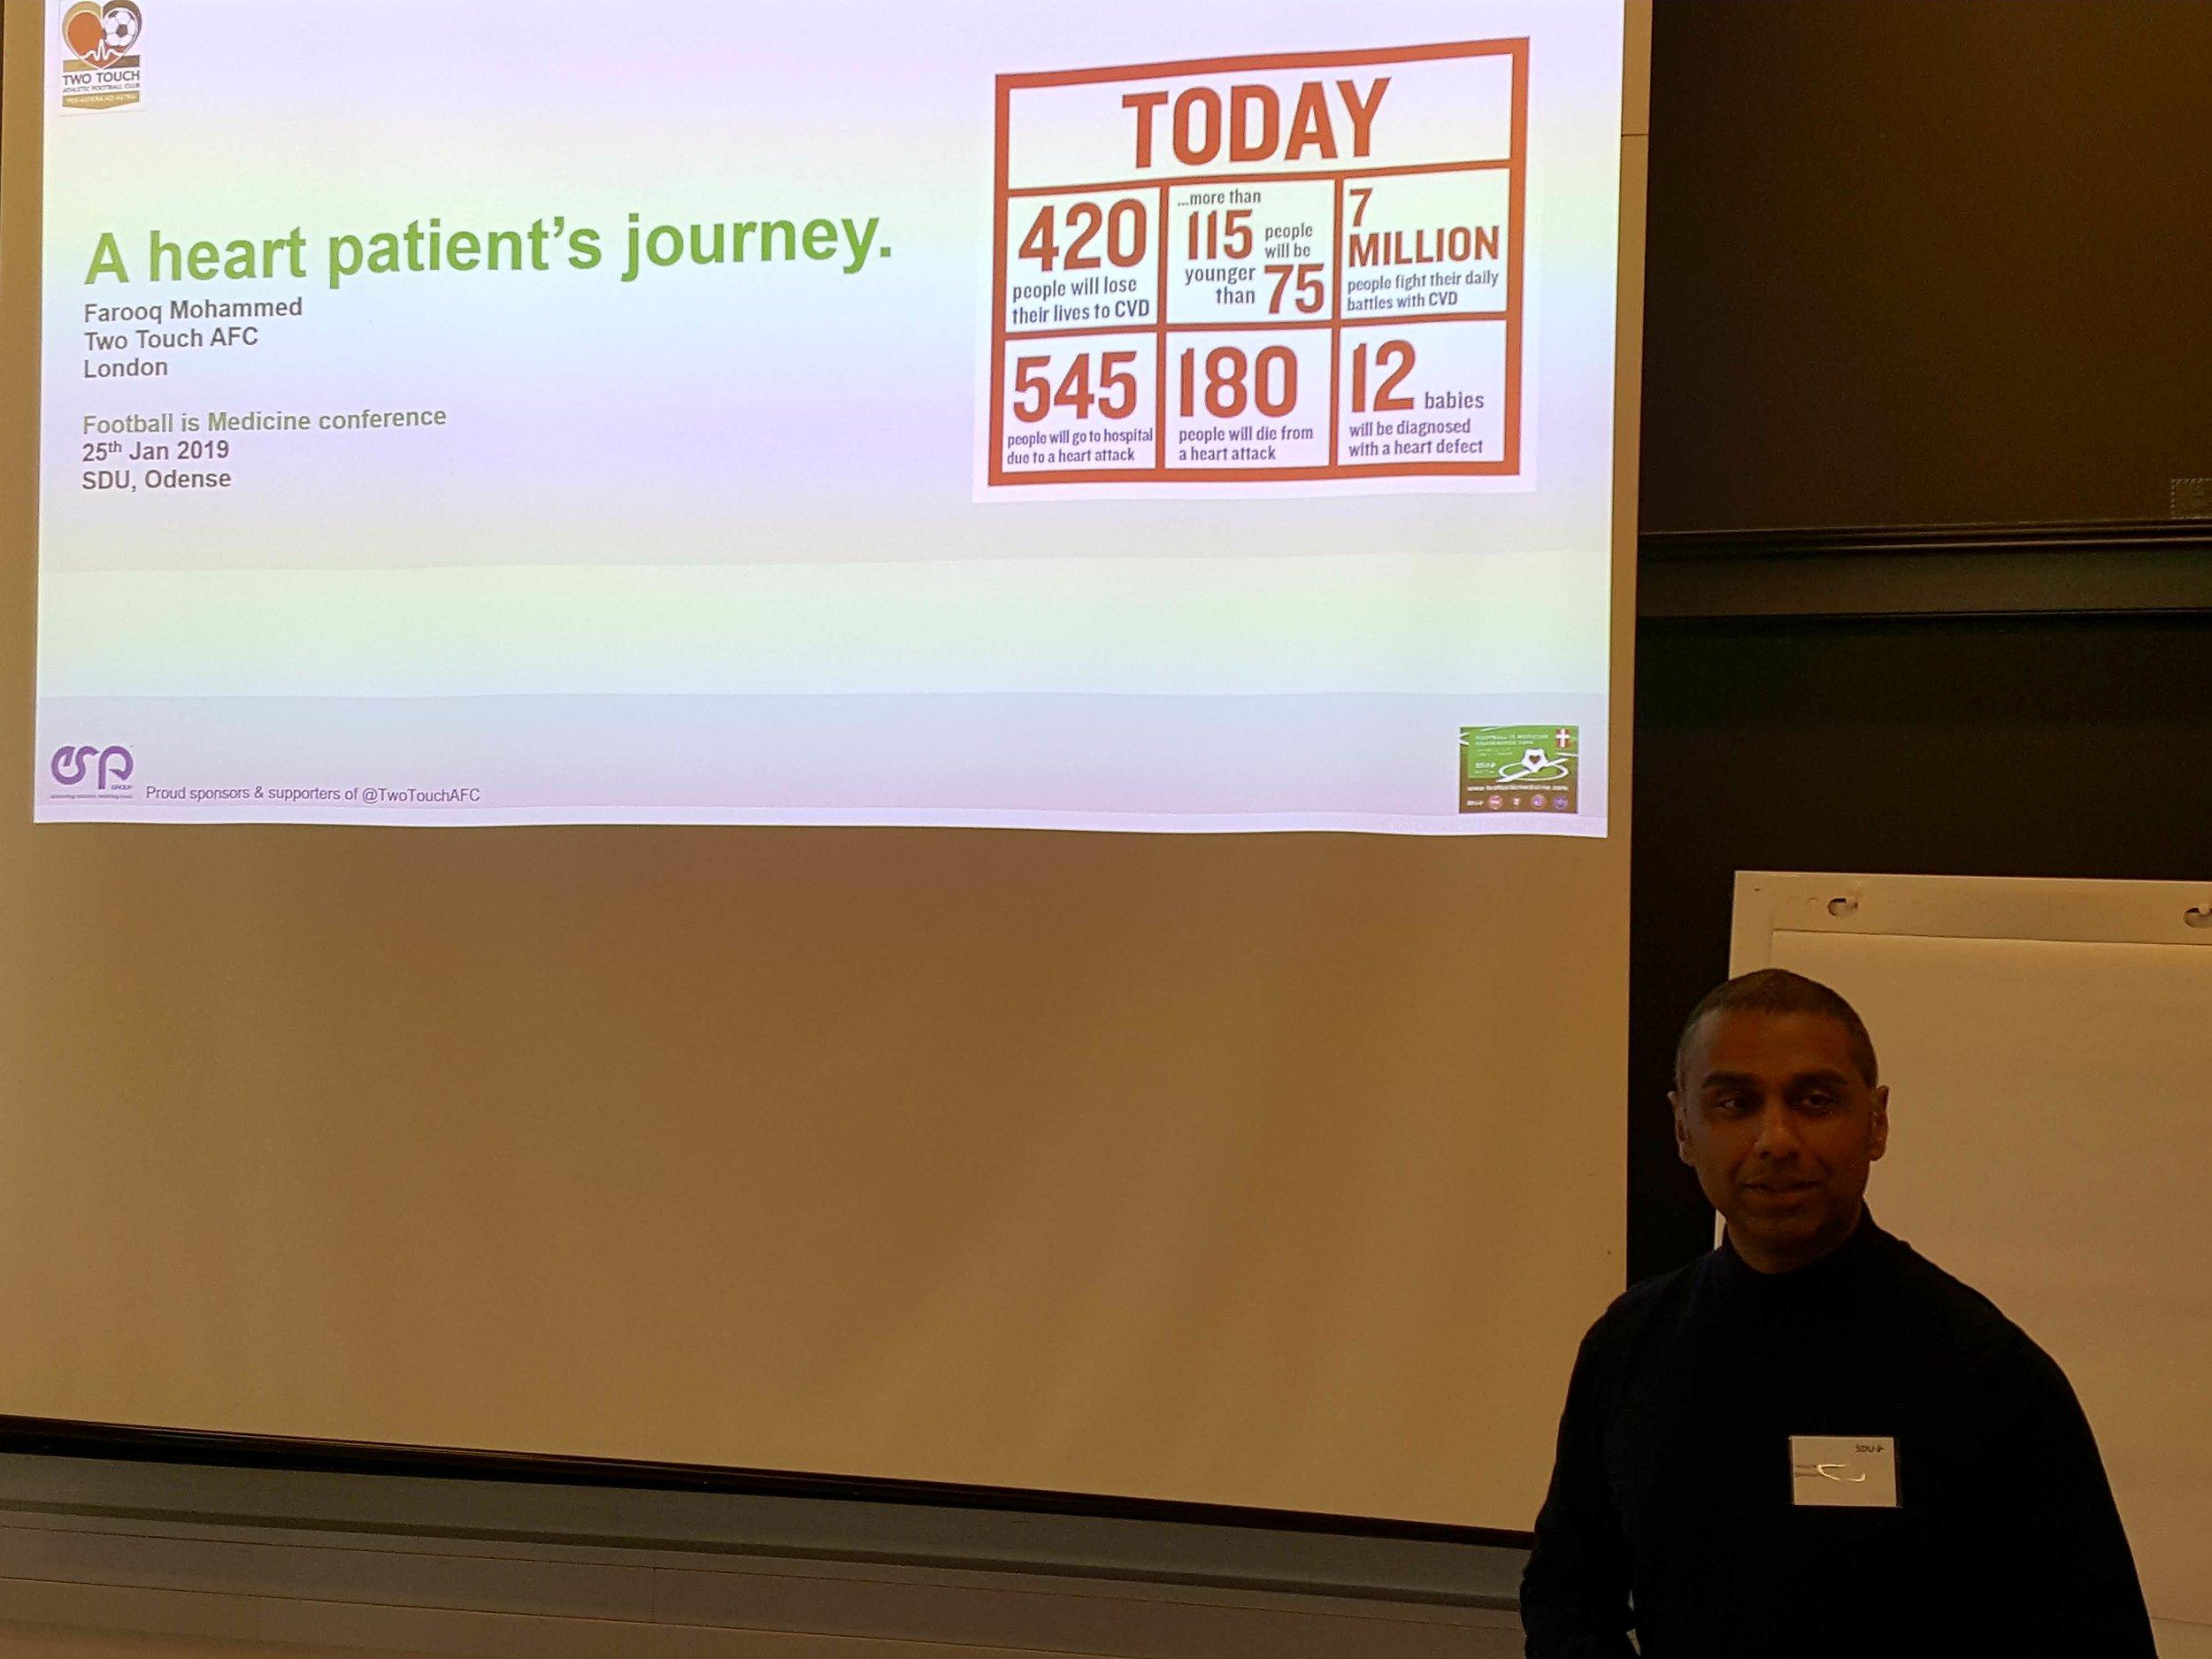 Football is Medicine: Fodboldprojektet Two Touch United AFC havde haft enorm betydning for Farooq Mohammed og andre hjertepatienter fra London.  Foto: Henrik H. Brandt